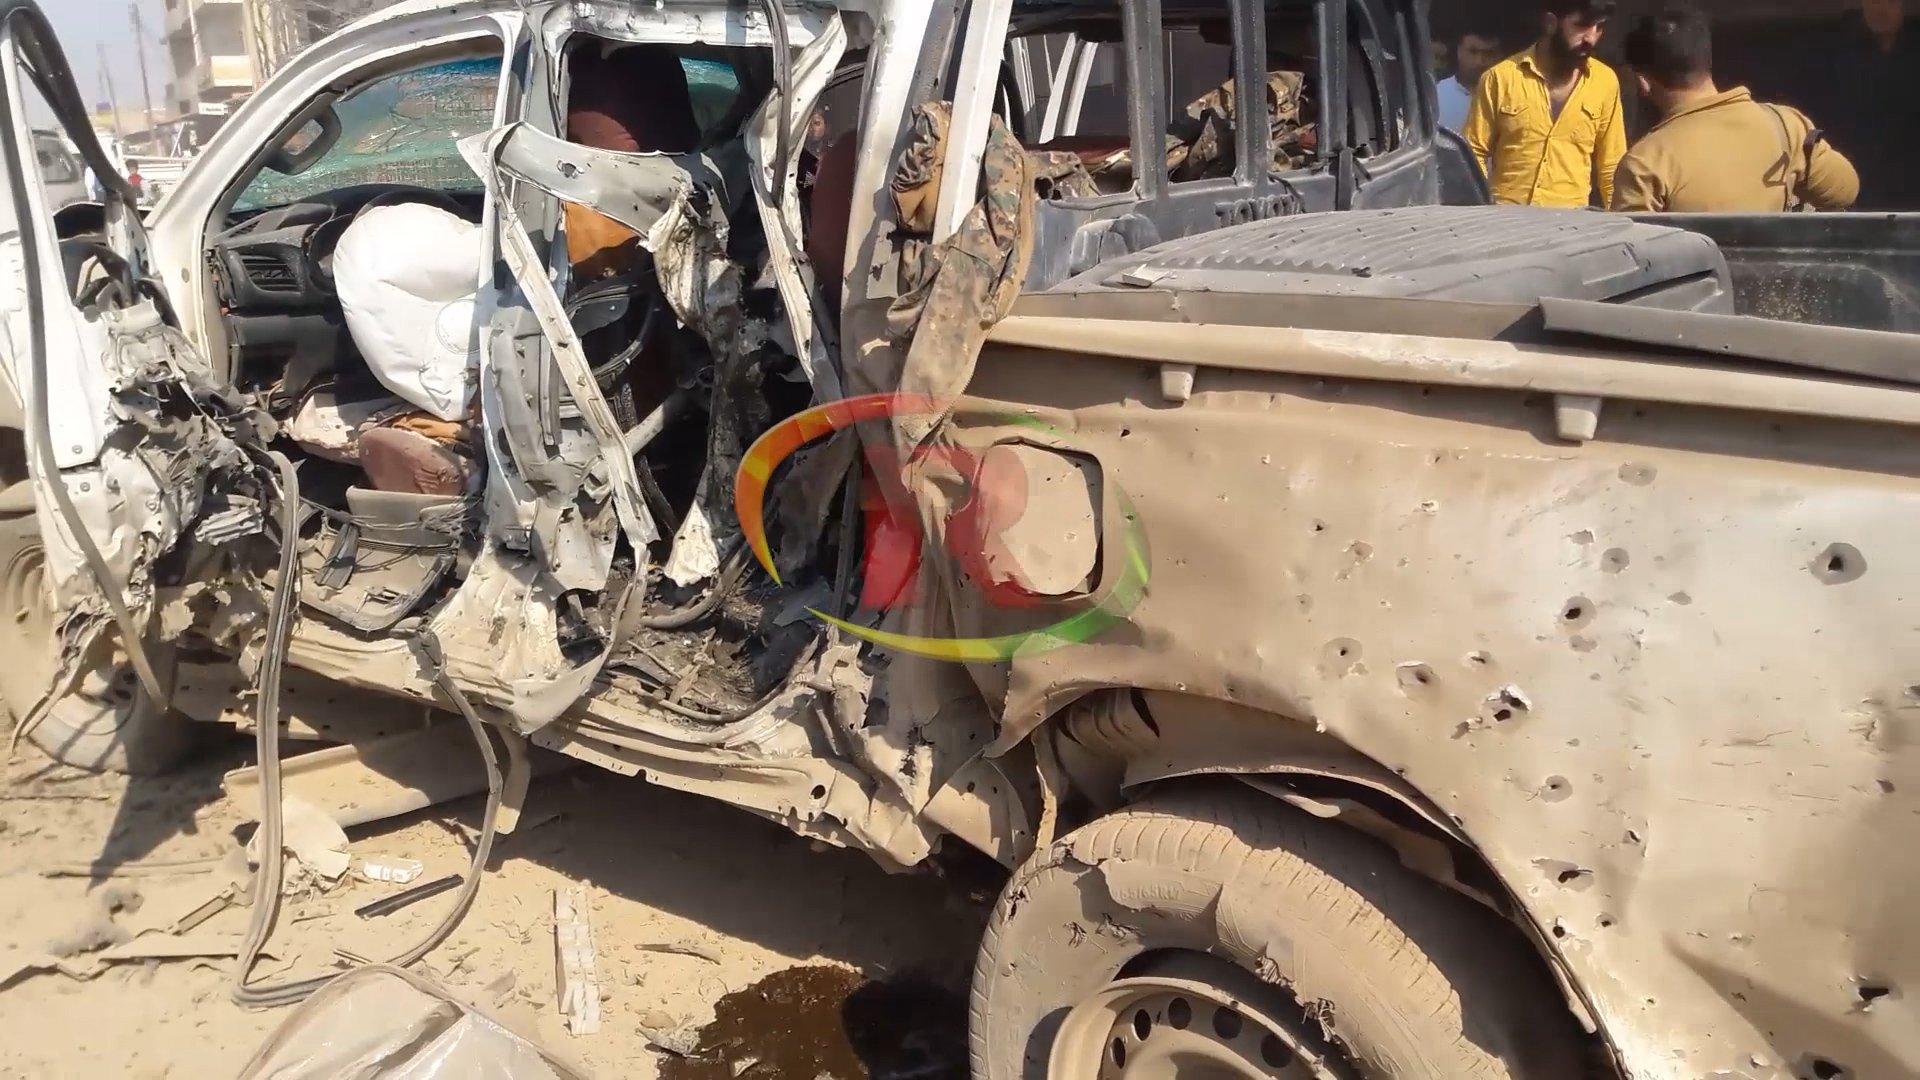 صورة انفجار دراجة نارية في حي الصالحية وجرح 4 مدنيين وعسكري